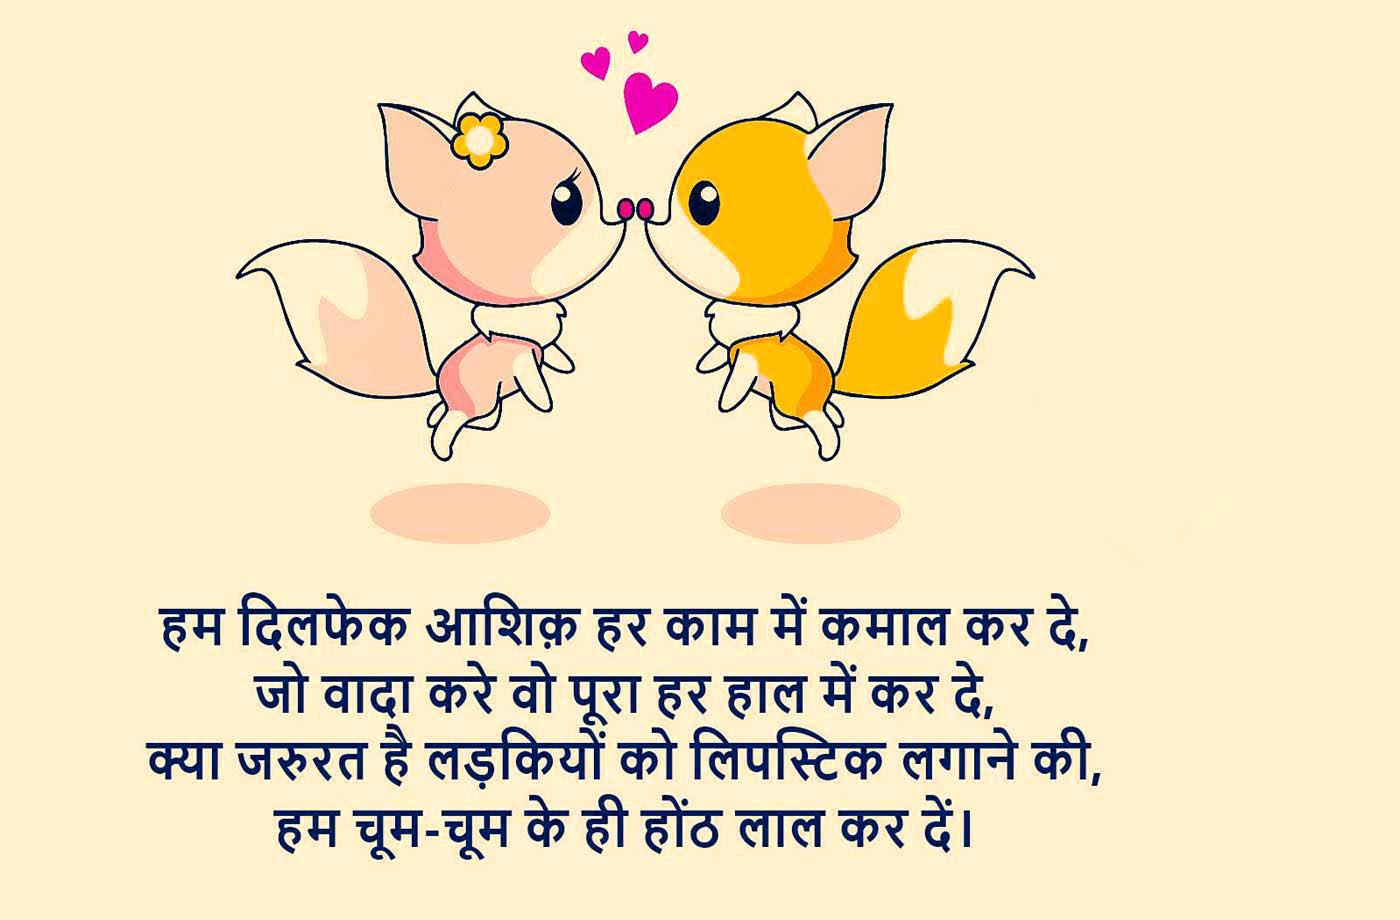 Best Quality Hindi funny Shayari Images